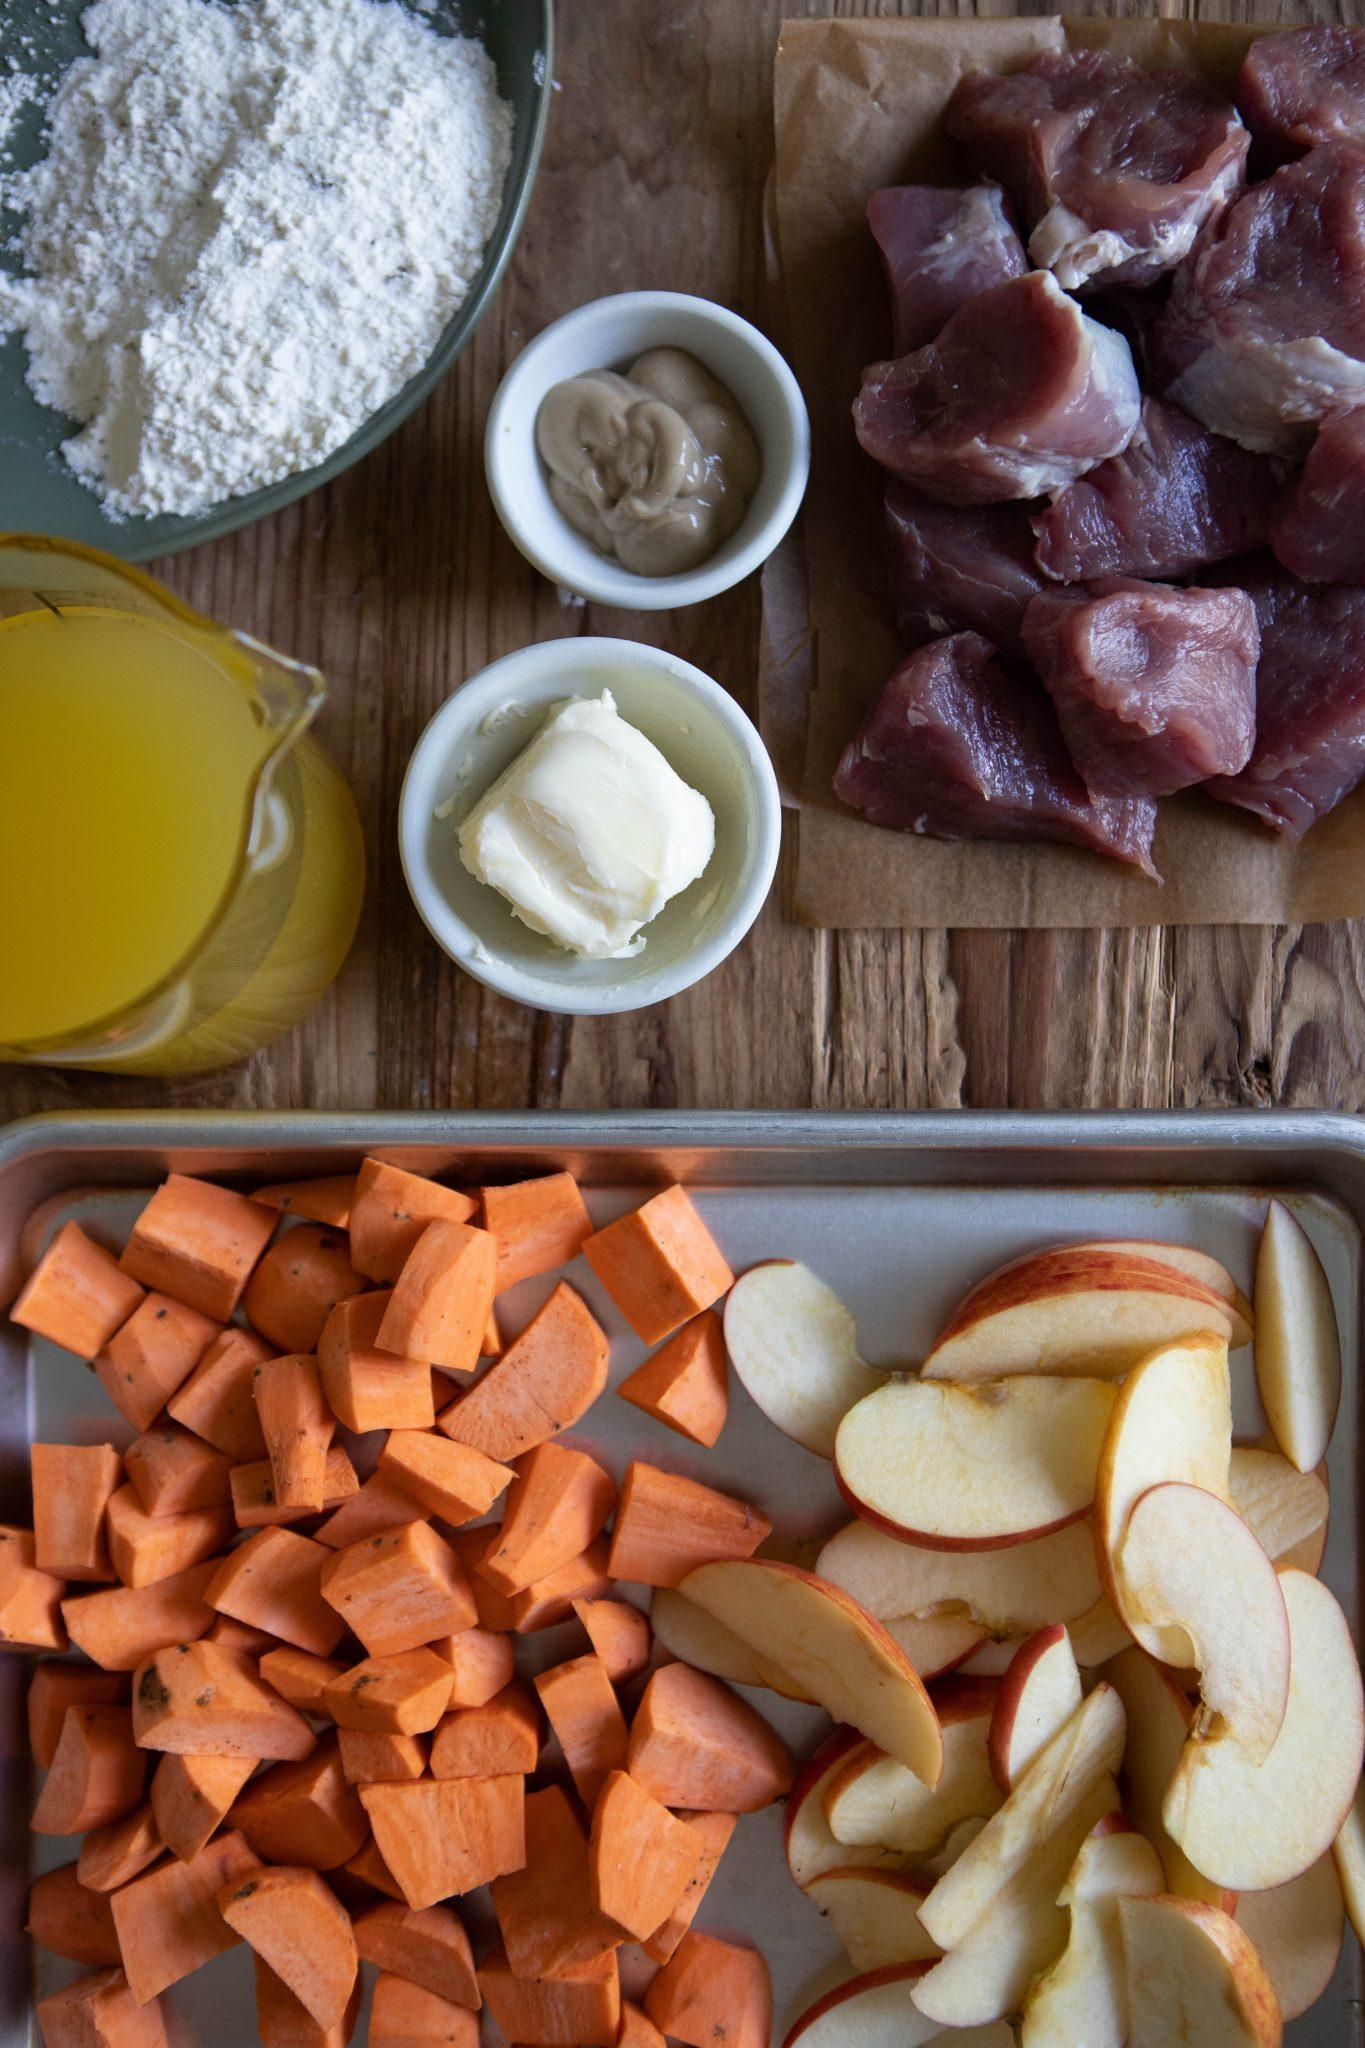 healthy pork tenderloin ingredients on a wooden board